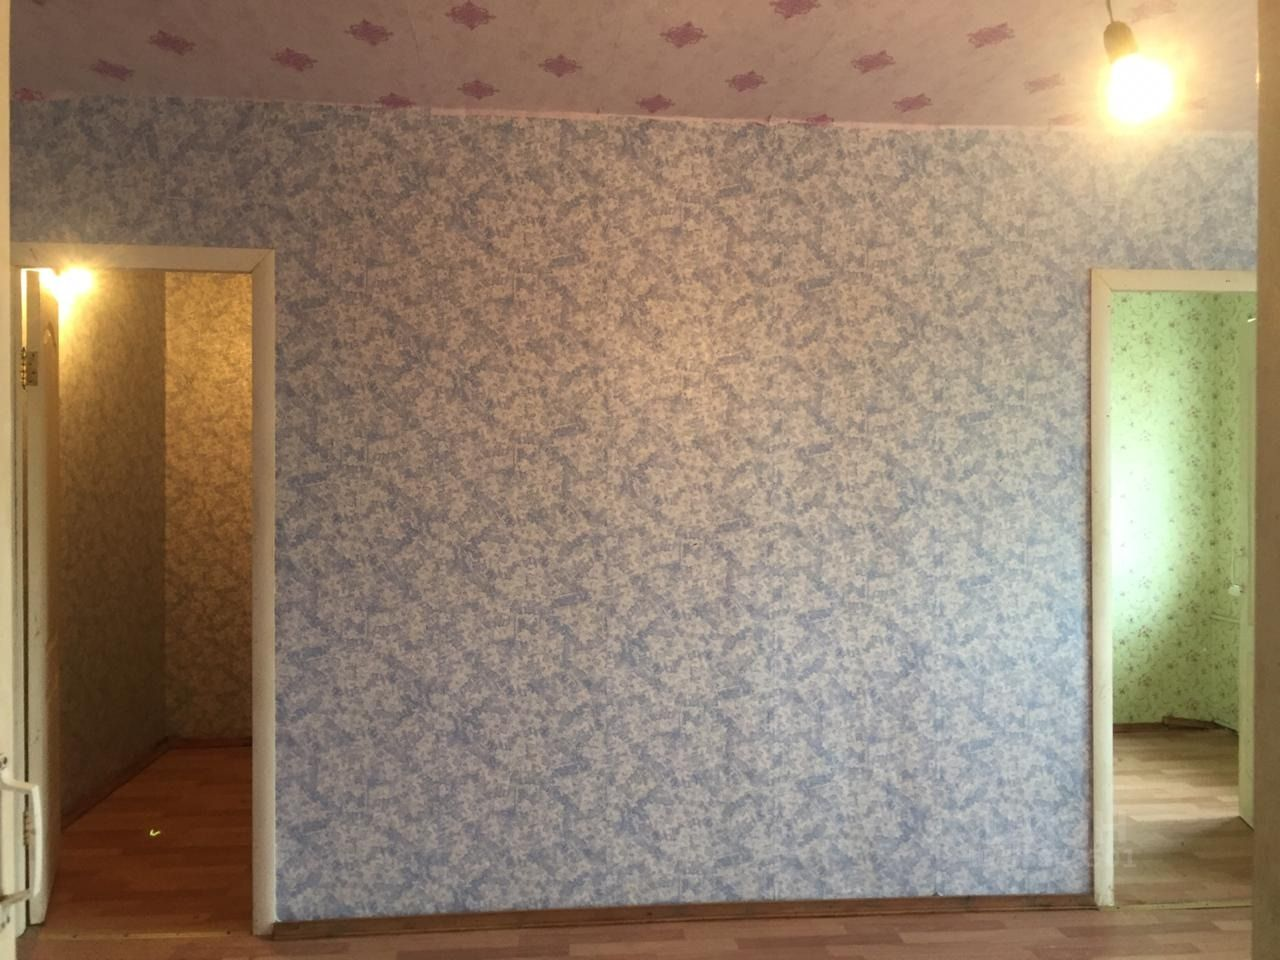 Купить двухкомнатную квартиру 42м² Тульская область, Тула, Центральный, мкр. Скуратовский, 2 - база ЦИАН, объявление 239190168